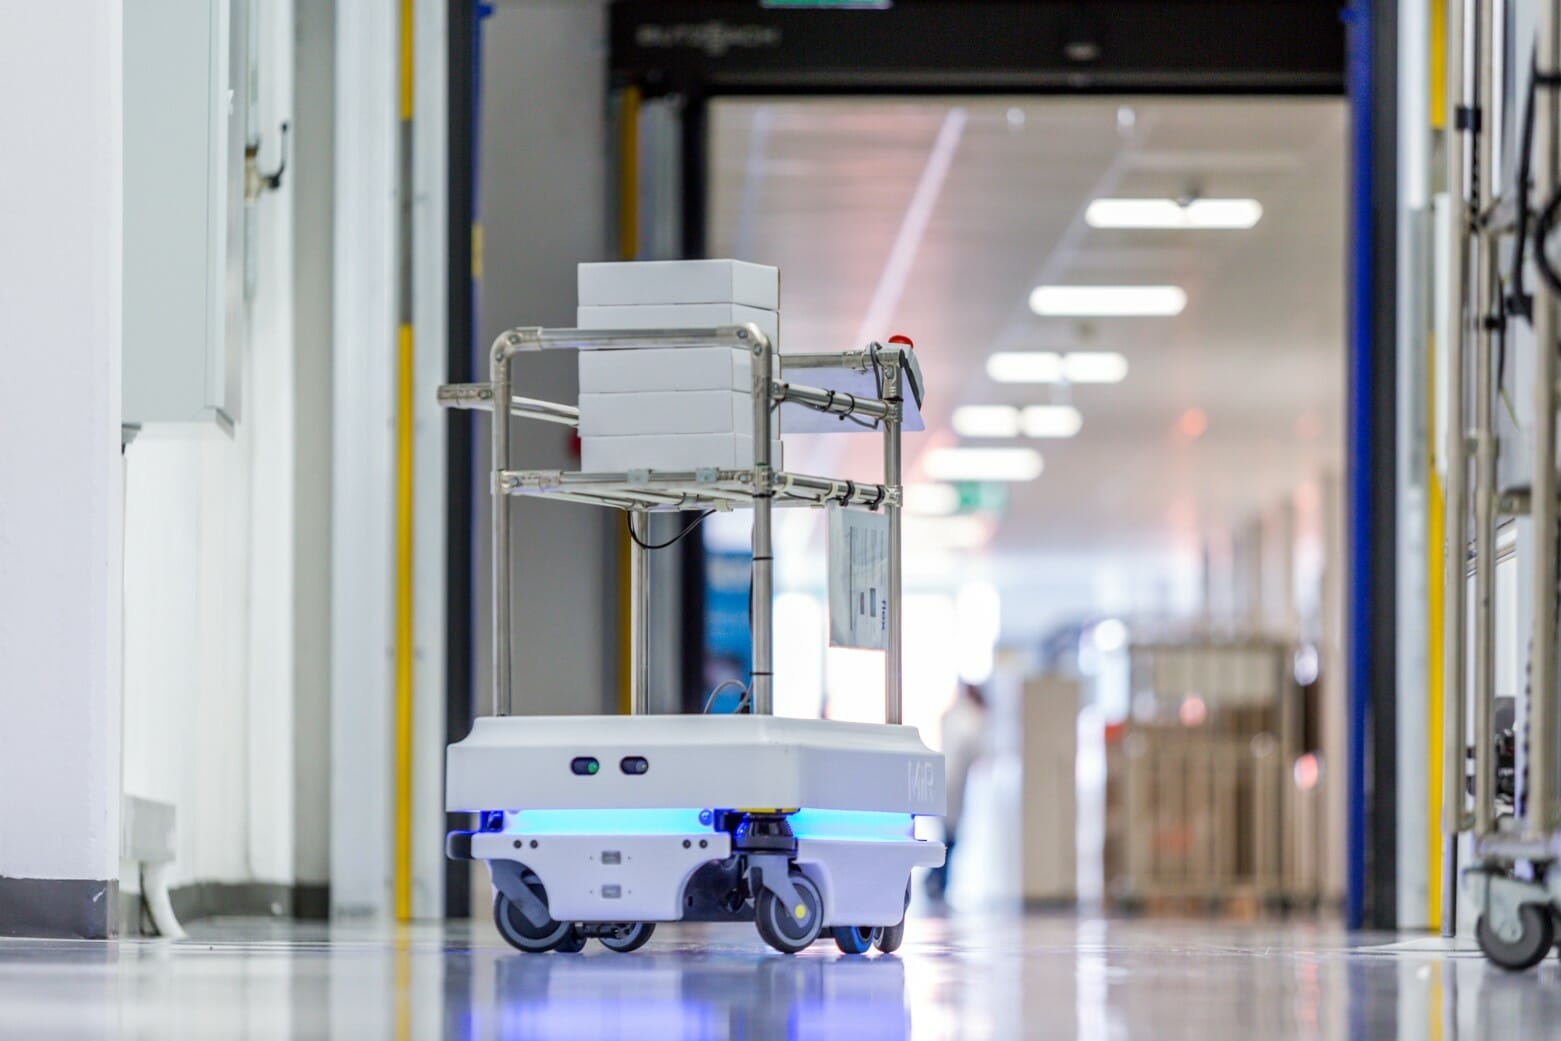 Aplicaciones de la robótica autónoma móvil para combatir COVID-19